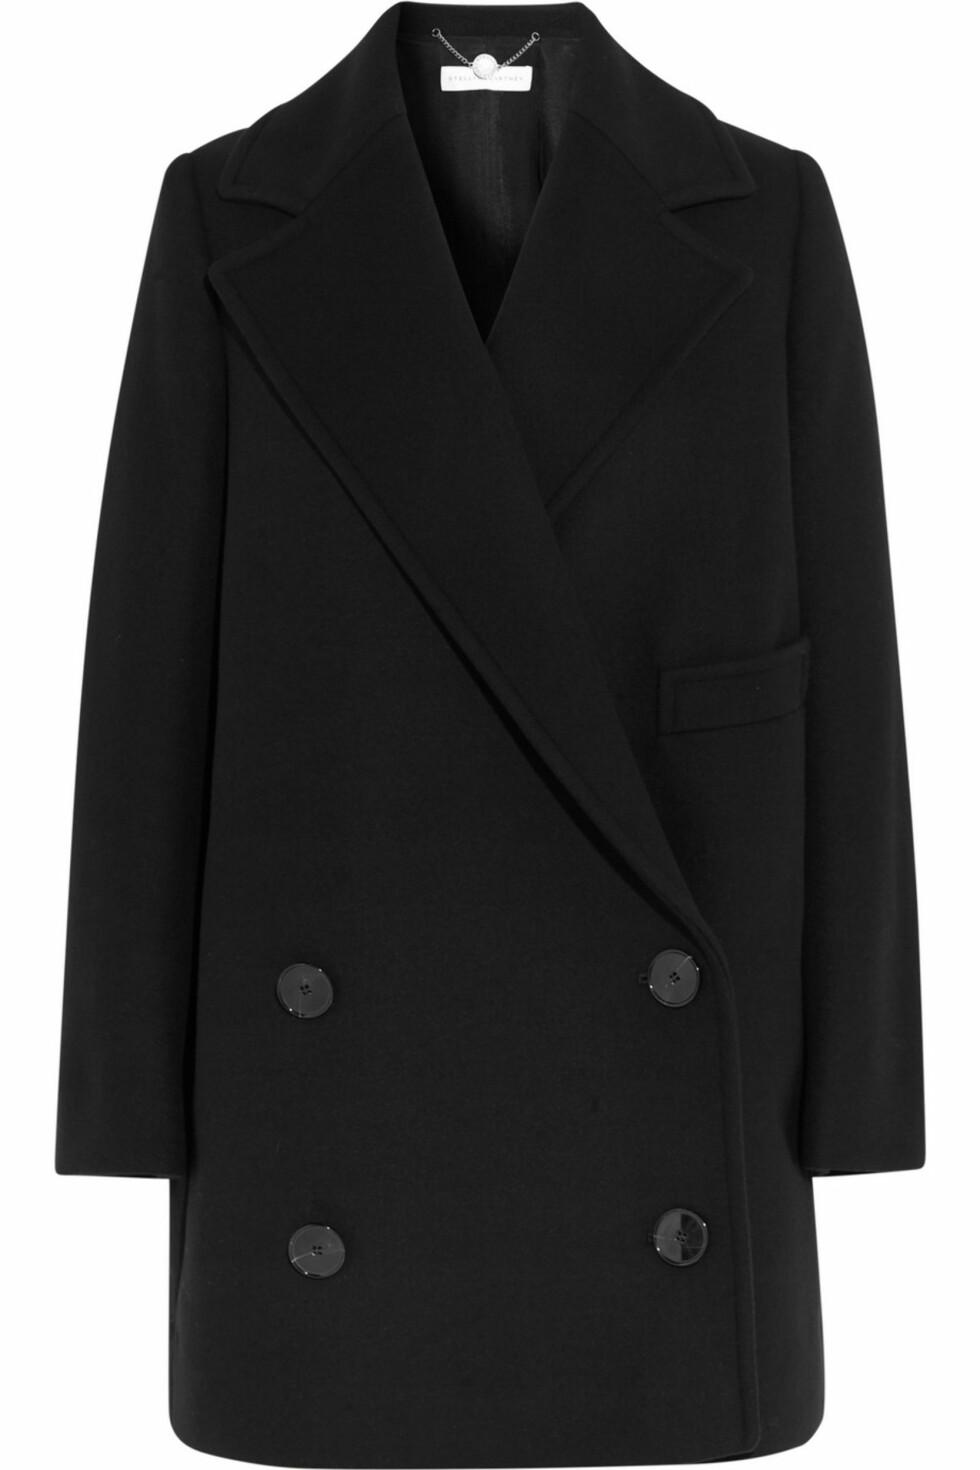 <strong>VINTERKÅPE:</strong> Denne vinterkåpen er en sikker investering. Den formløse formen kombinert med fine slag går aldri av moten!  Kåpe fra Stella McCartney, ca. kr 14 000.  Foto: Net-a-porter.com